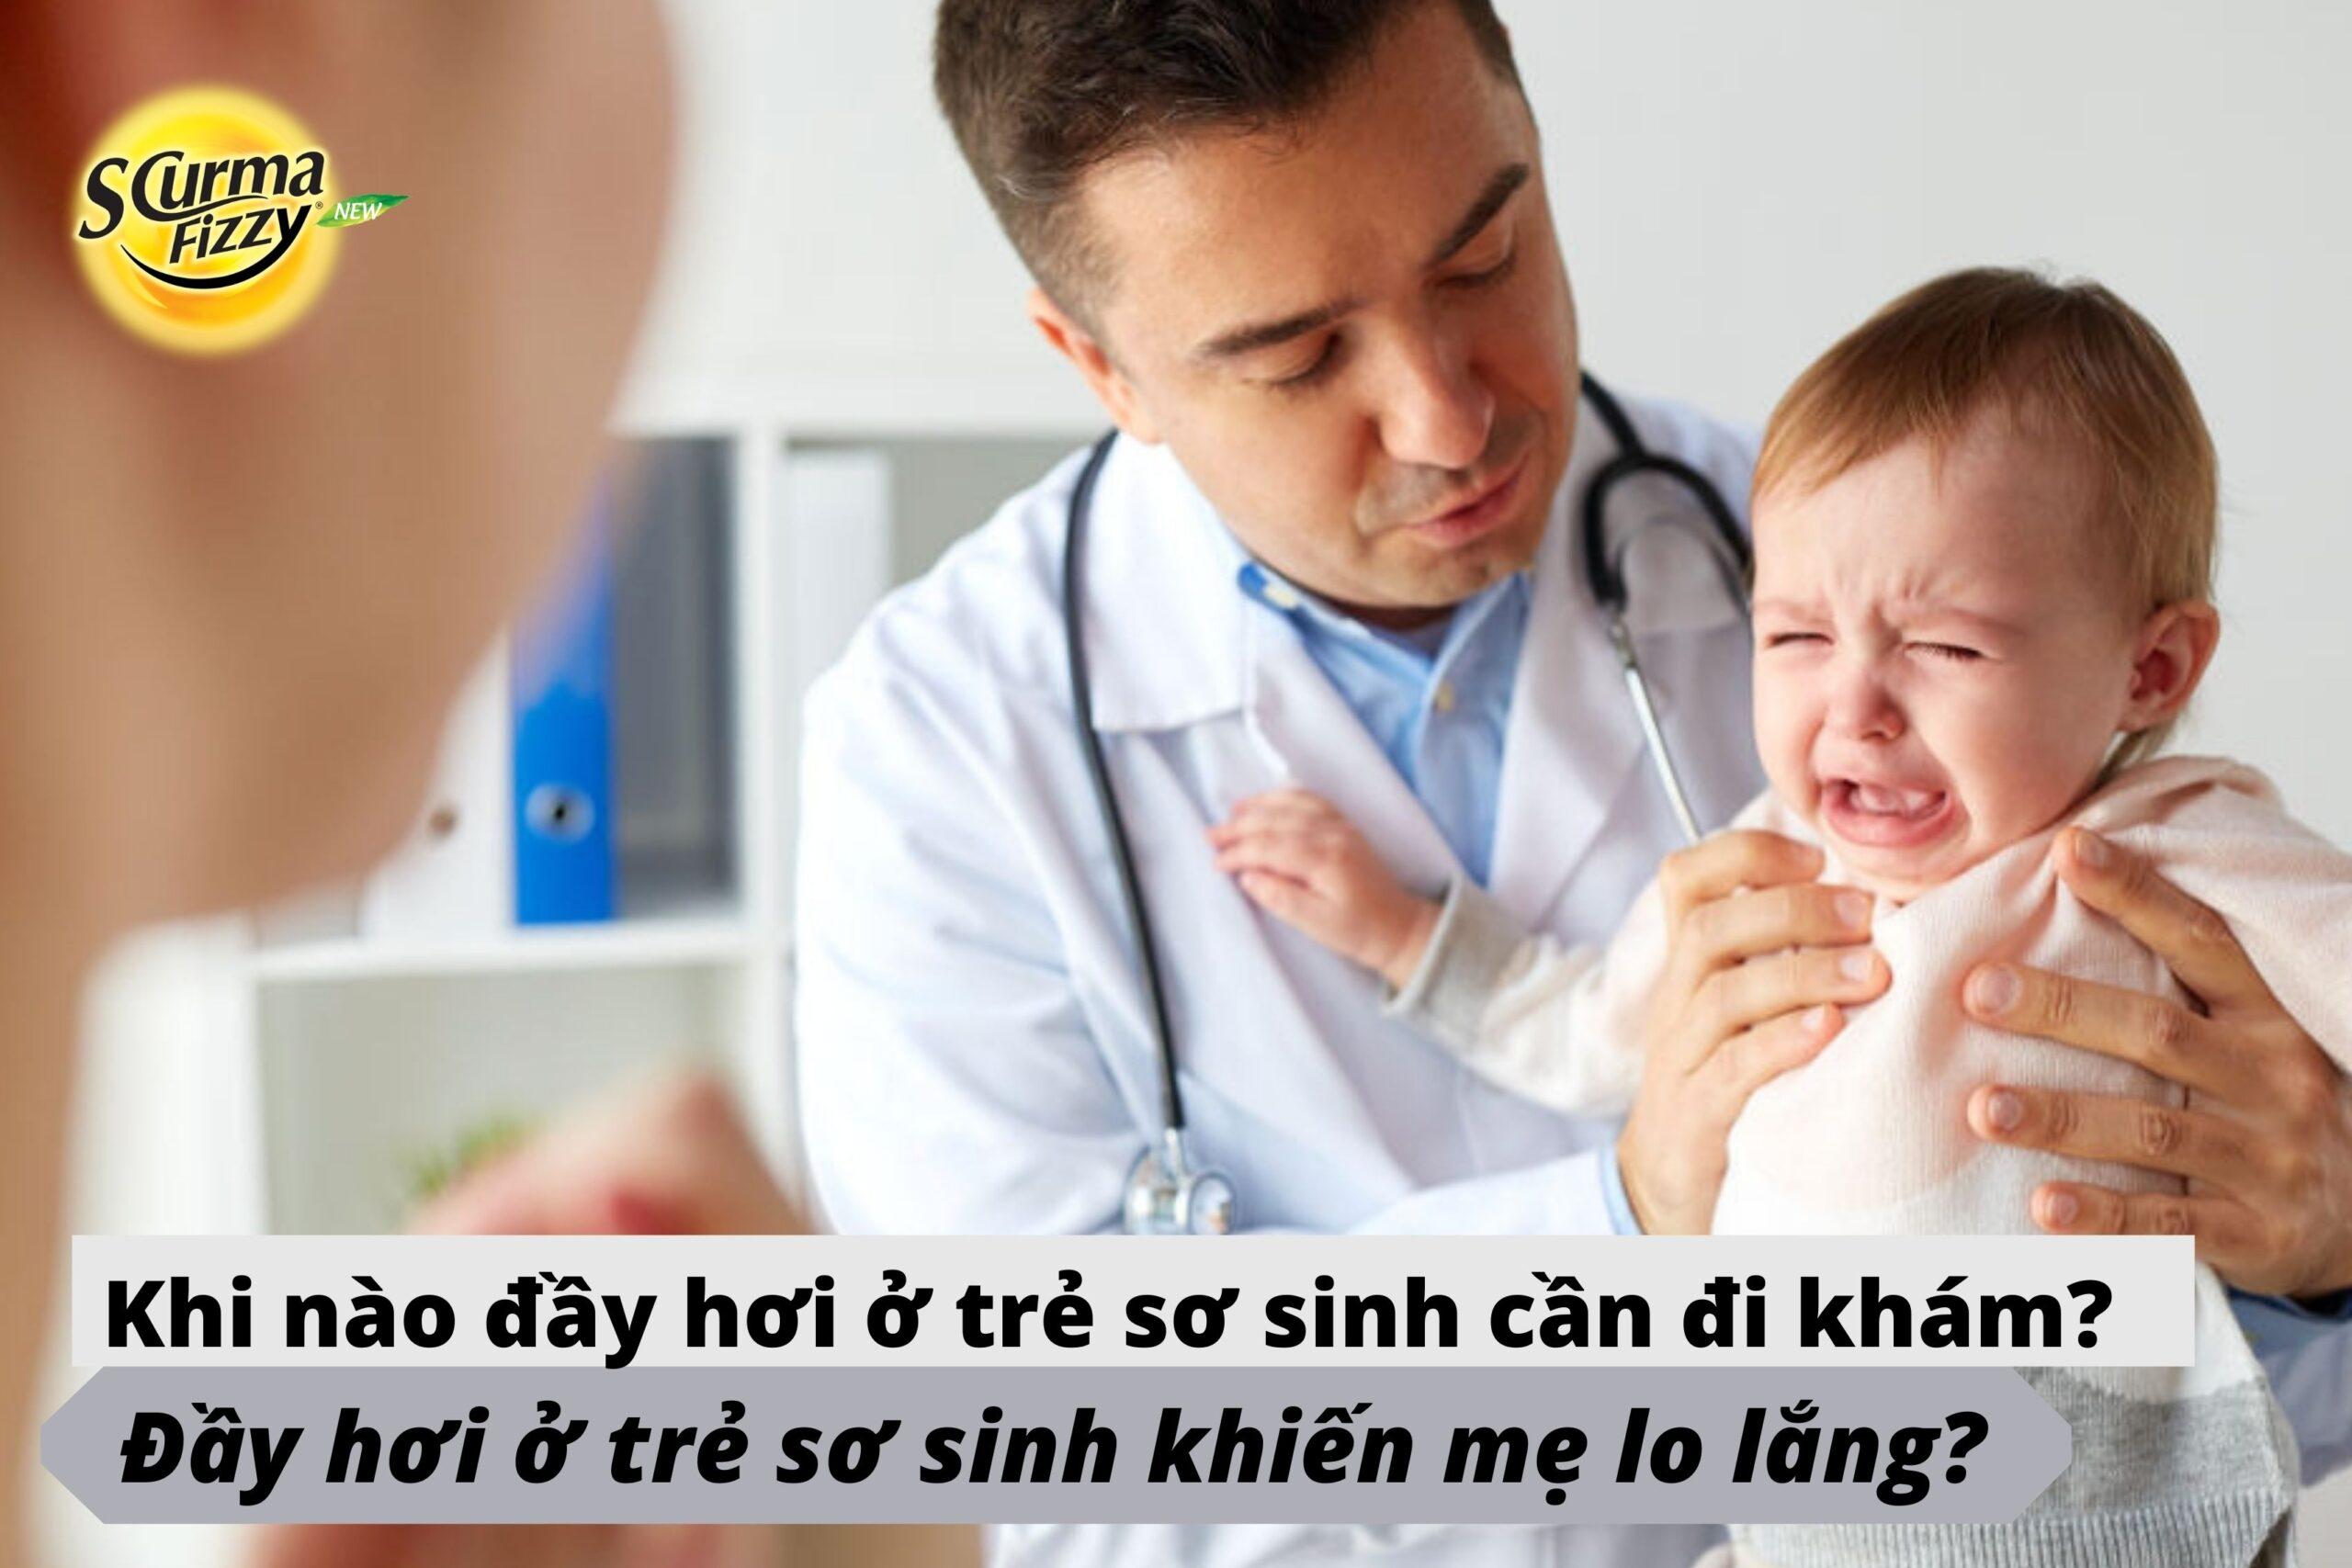 Khi nào đầy hơi ở trẻ sơ sinh cần đi khám bác sĩ?